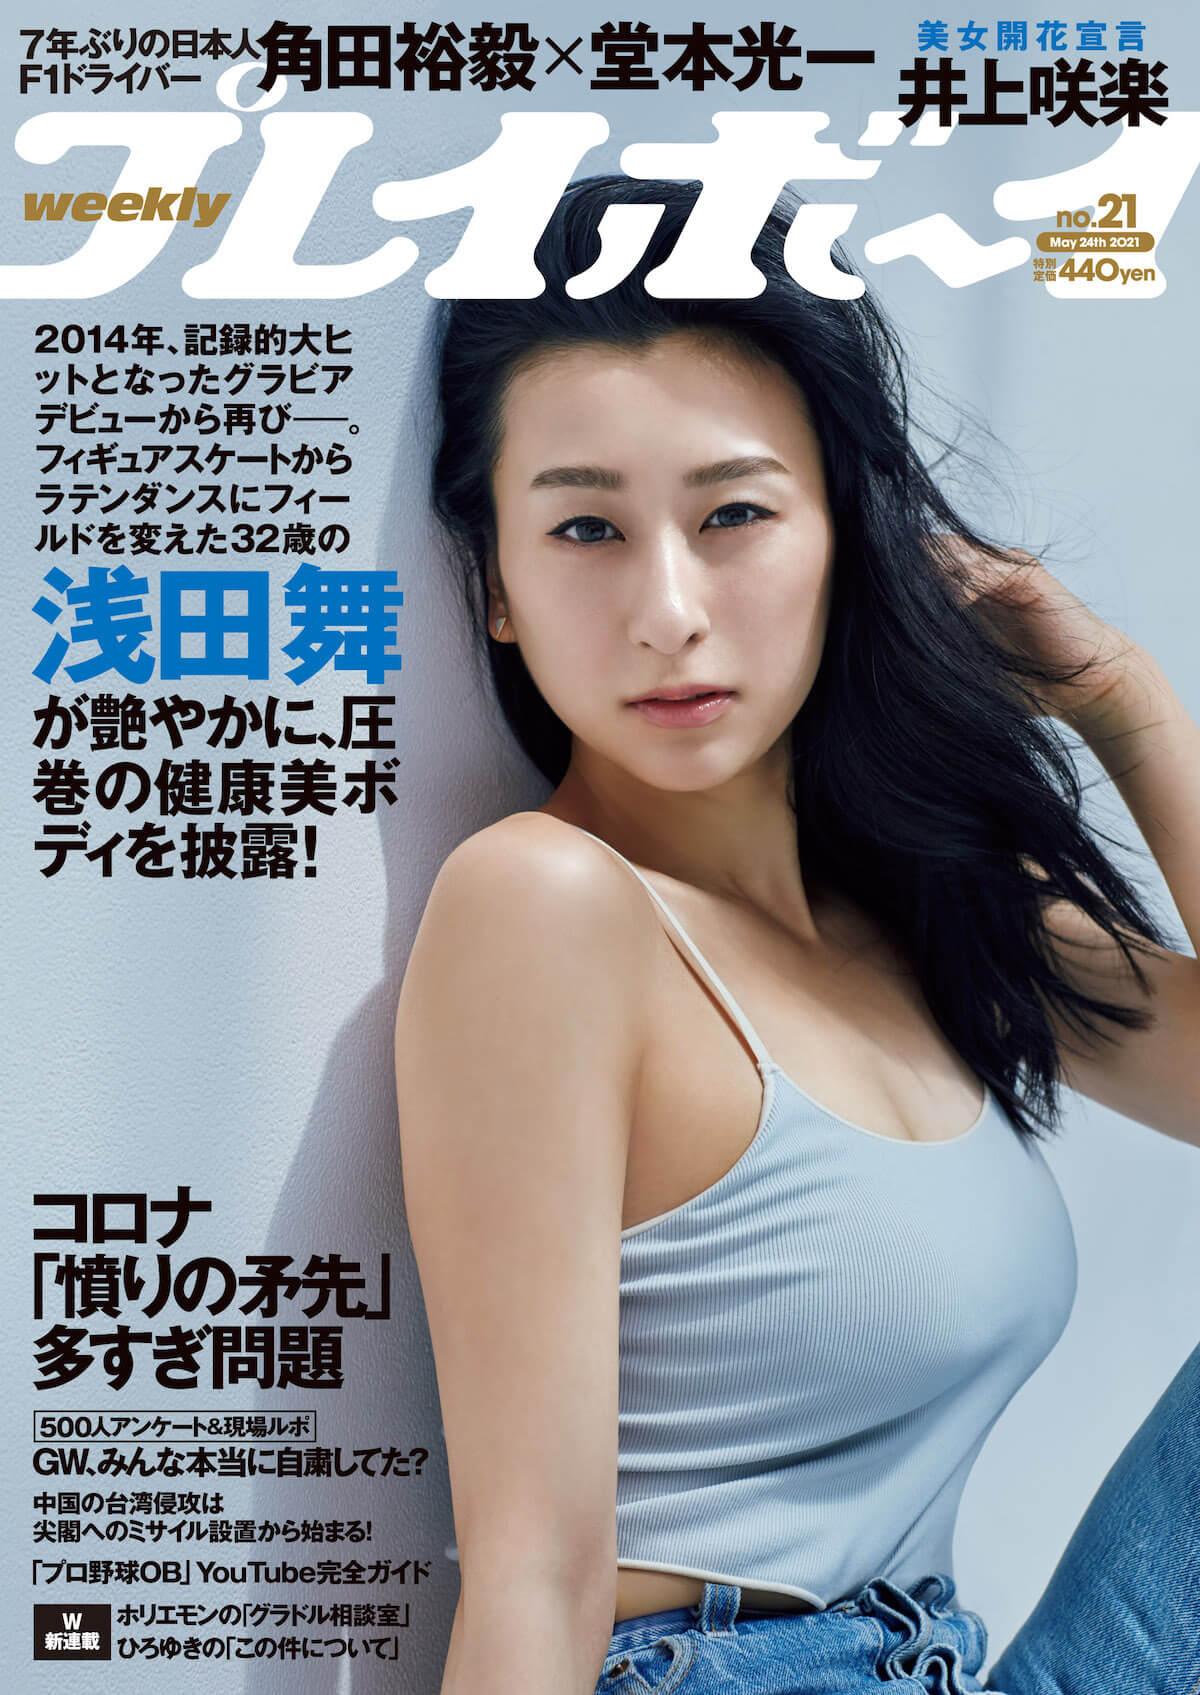 浅田舞 過去最高セクシー なグラビア 週刊プレイボーイ で驚愕の肉体美 Real Sound リアルサウンド ブック